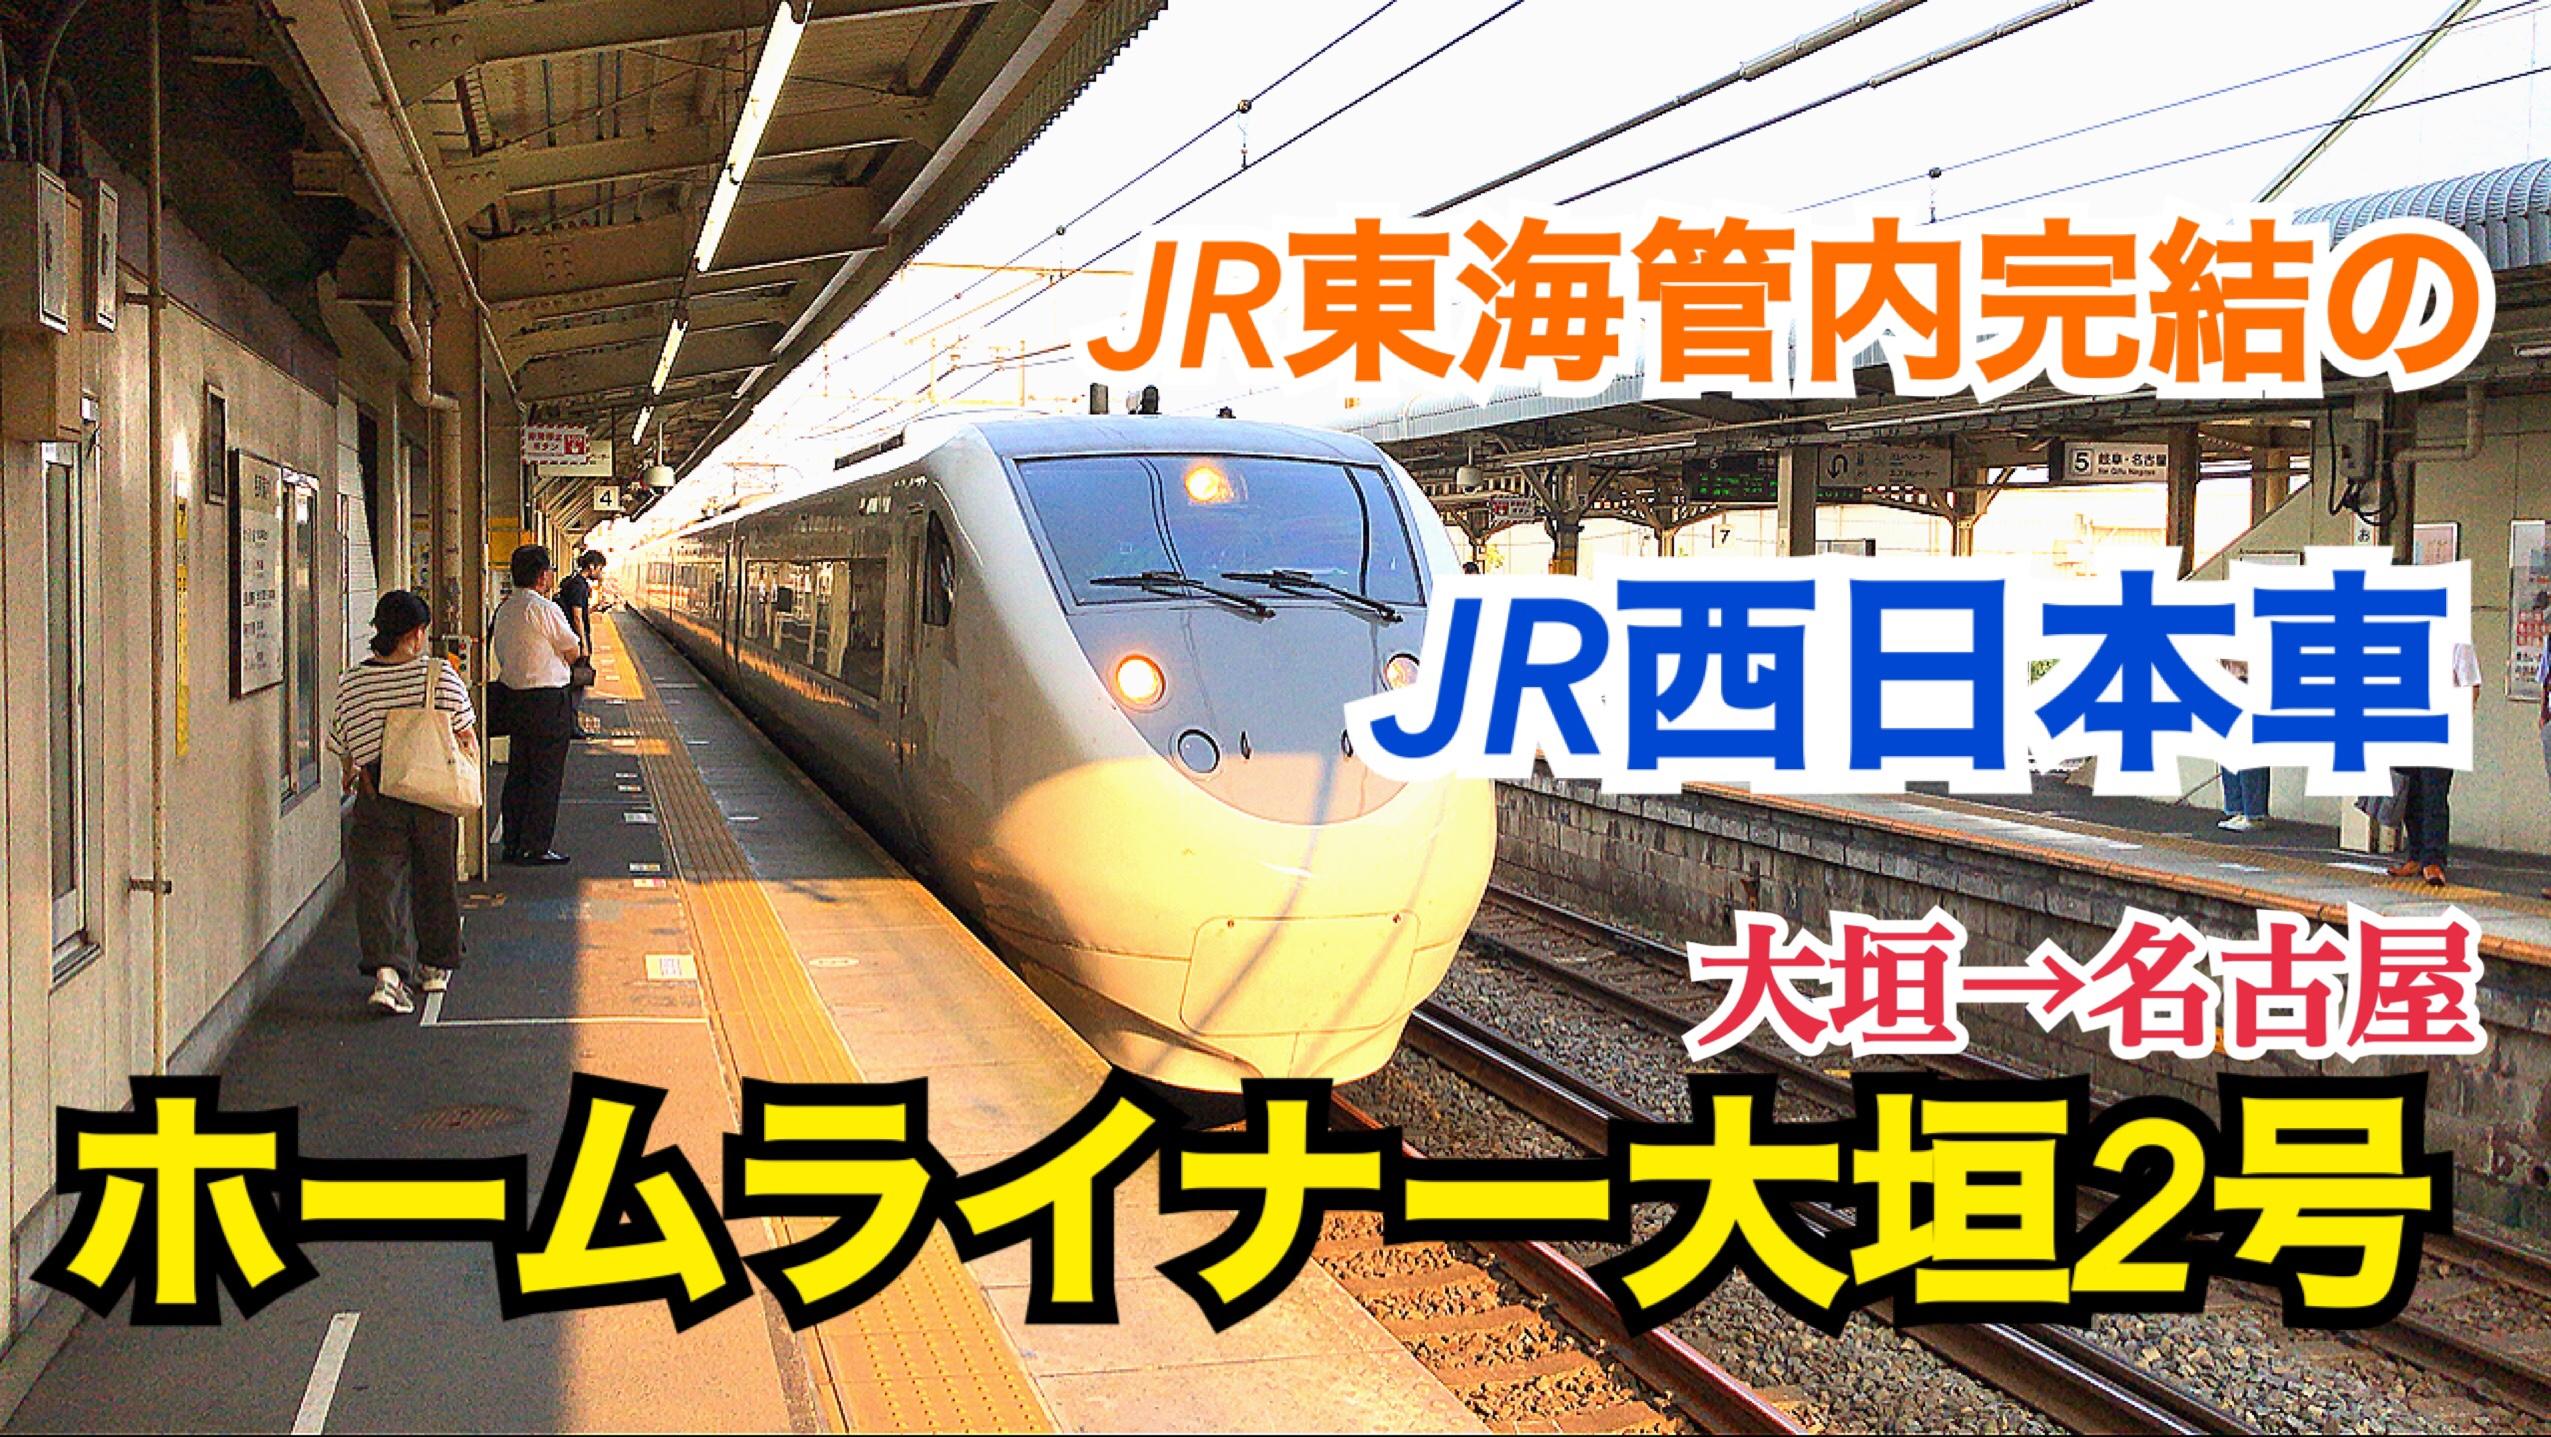 【東海完結の西日本車】ホームライナー大垣2号に乗ってみた!【関西勉強合宿】